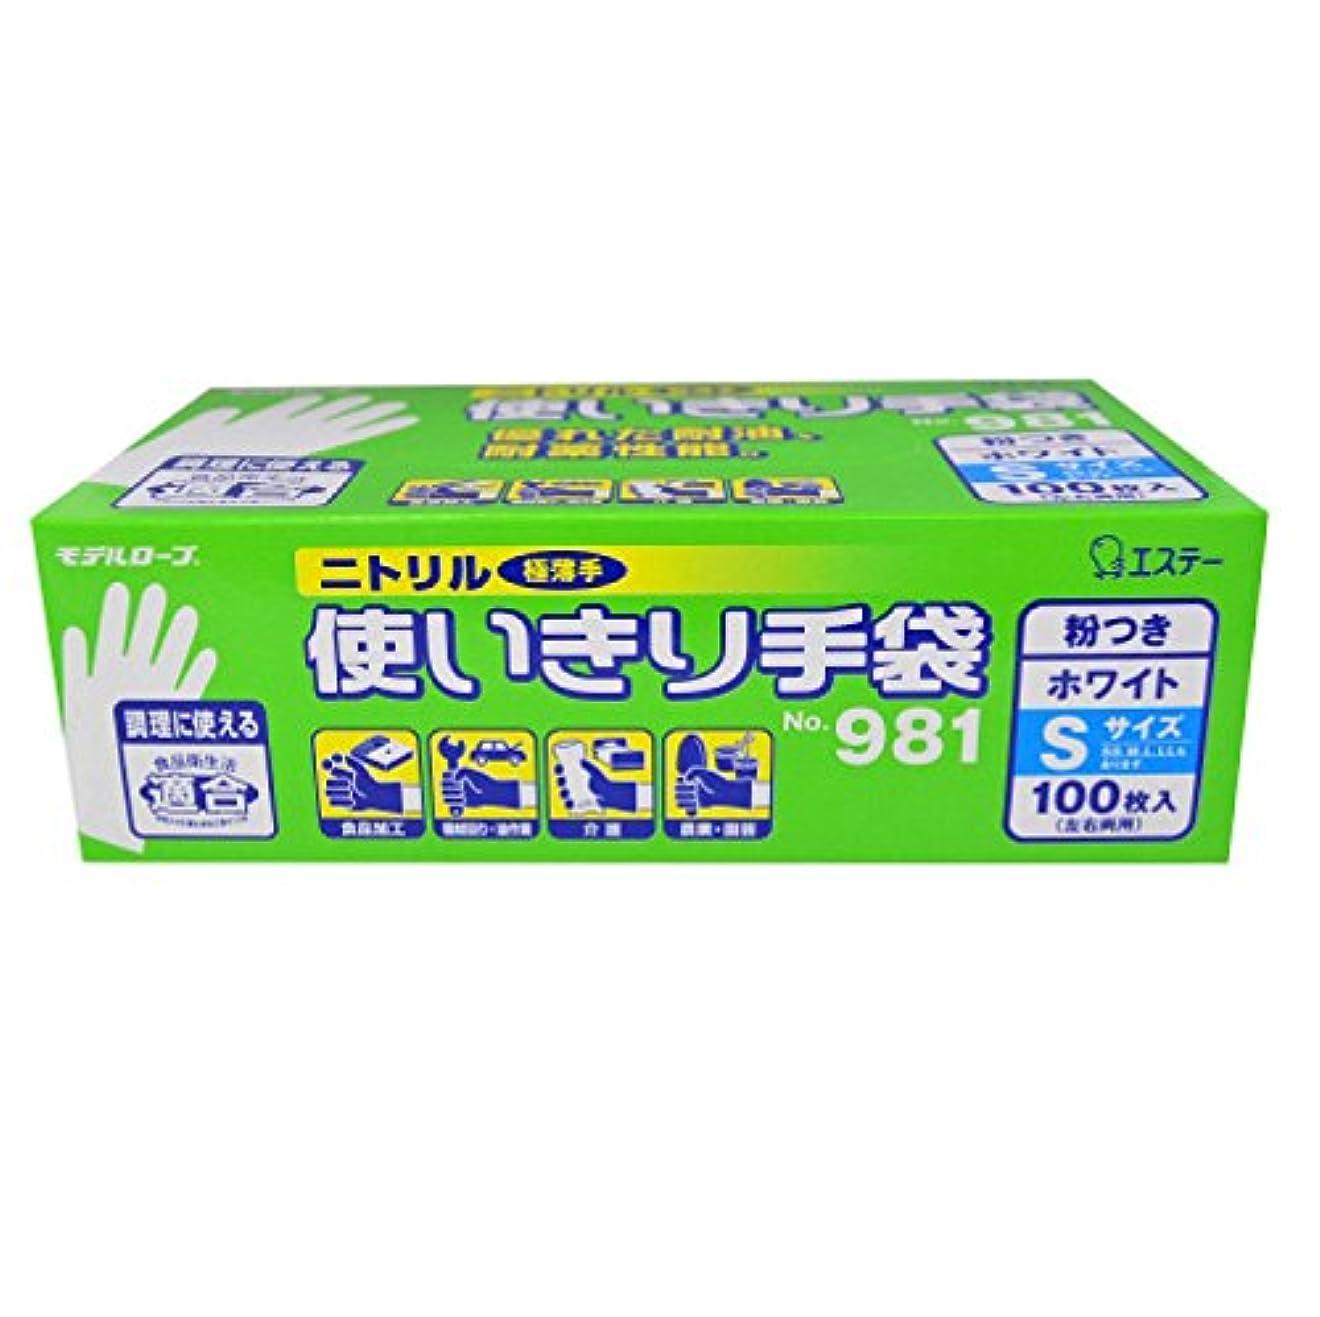 フェミニン光沢のある氷エステー/ニトリル使いきり手袋 箱入 (粉つき) [100枚入]/品番:981 サイズ:M カラー:ブルー